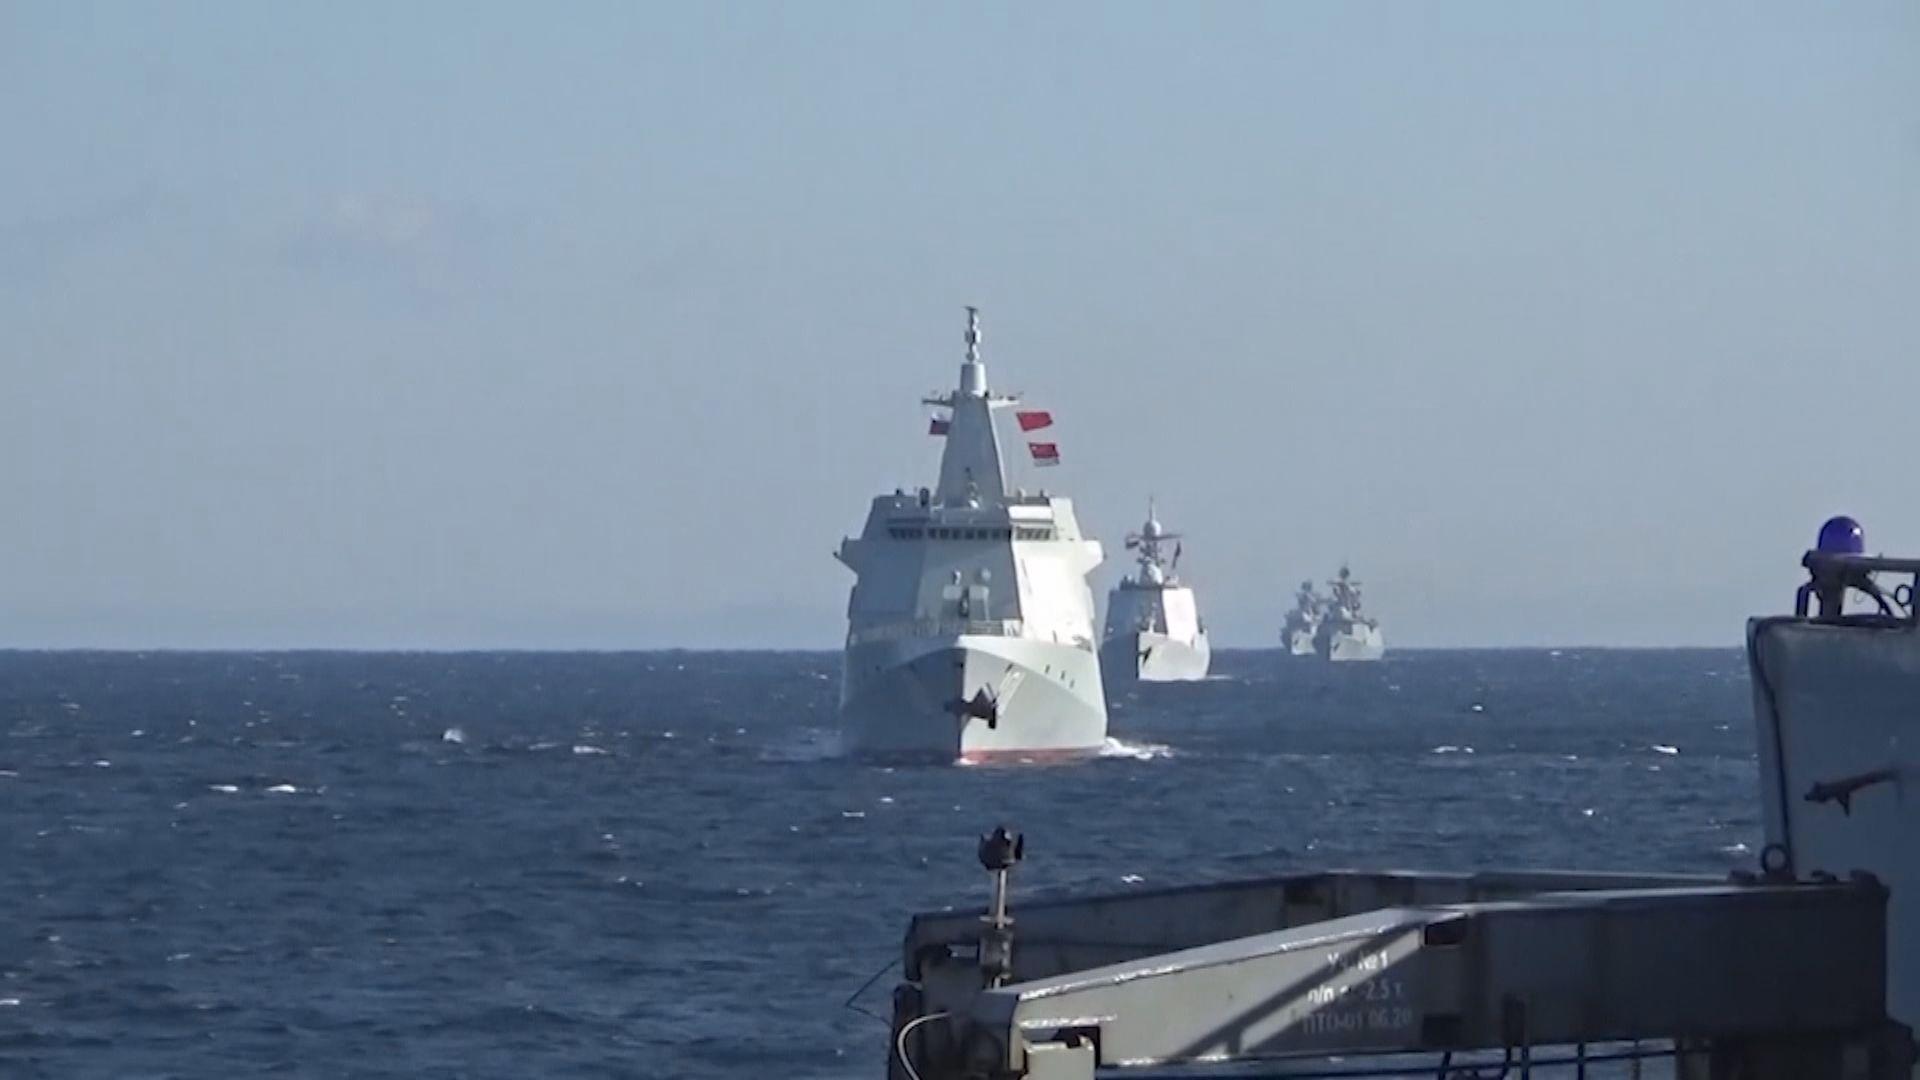 中俄軍艦艘通過津輕和大隅海峽 日本加強警戒監視